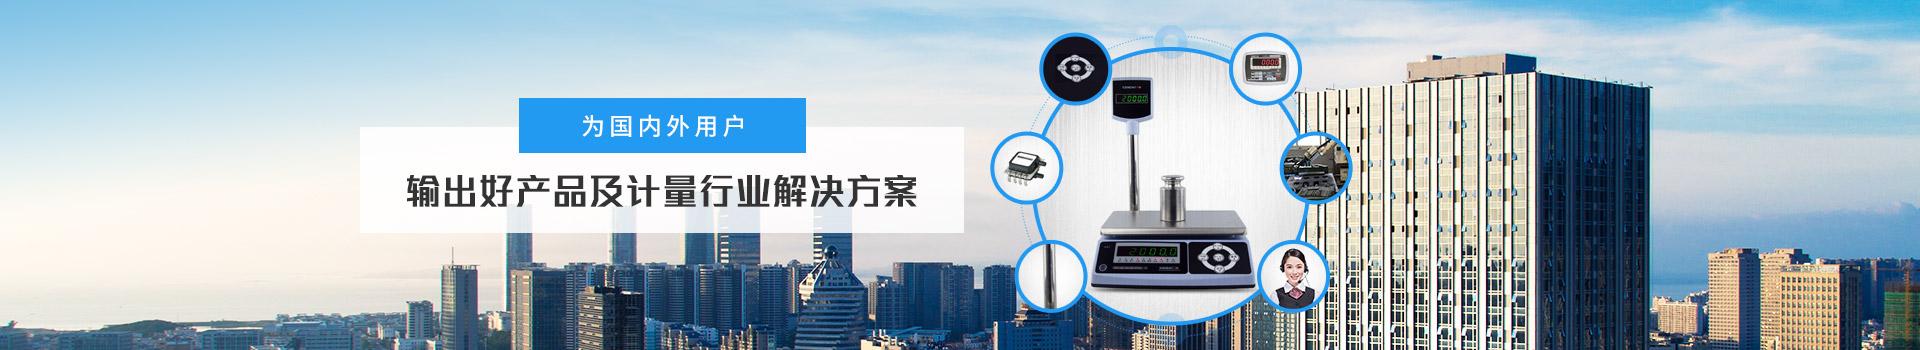 亿东 为国内外用户输出好产品及计量行业解决方案